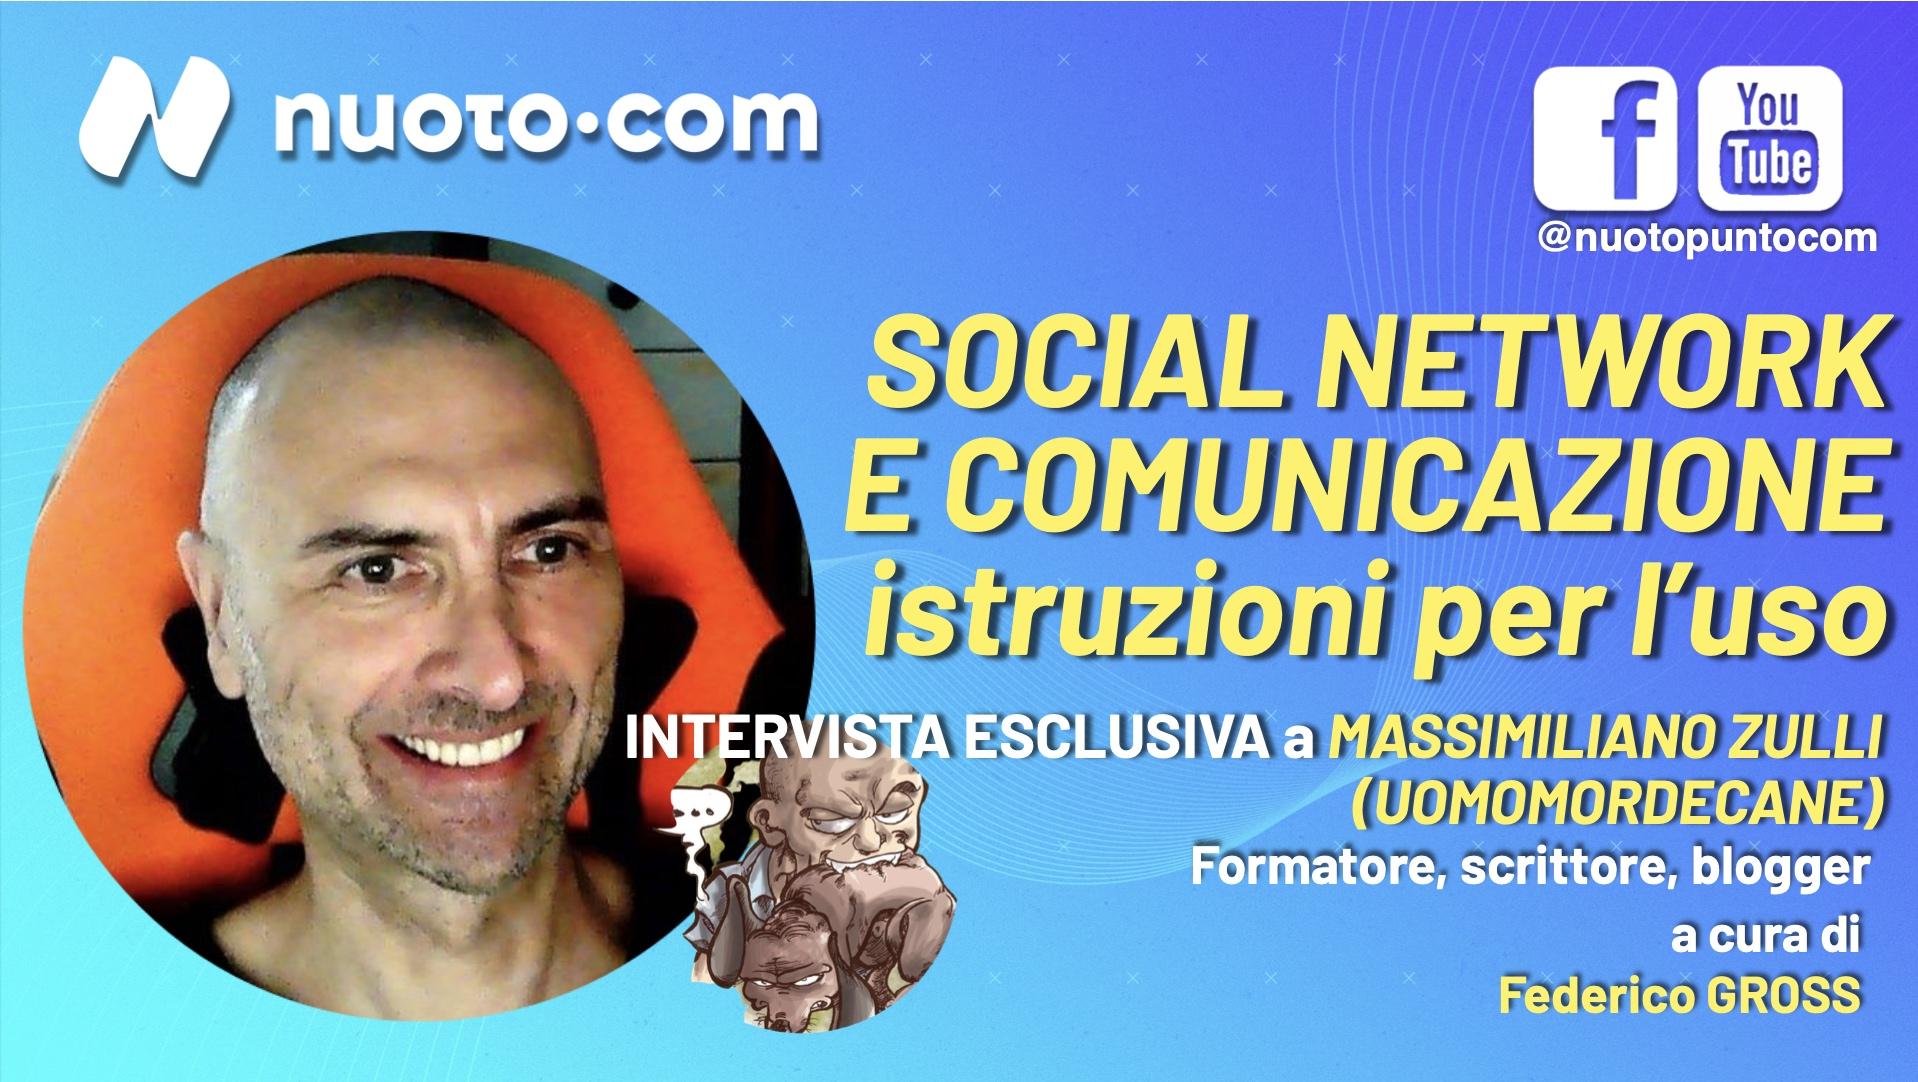 La comunicazione al tempo dei social: intervista con Massimiliano Zulli (Uomomordecane)